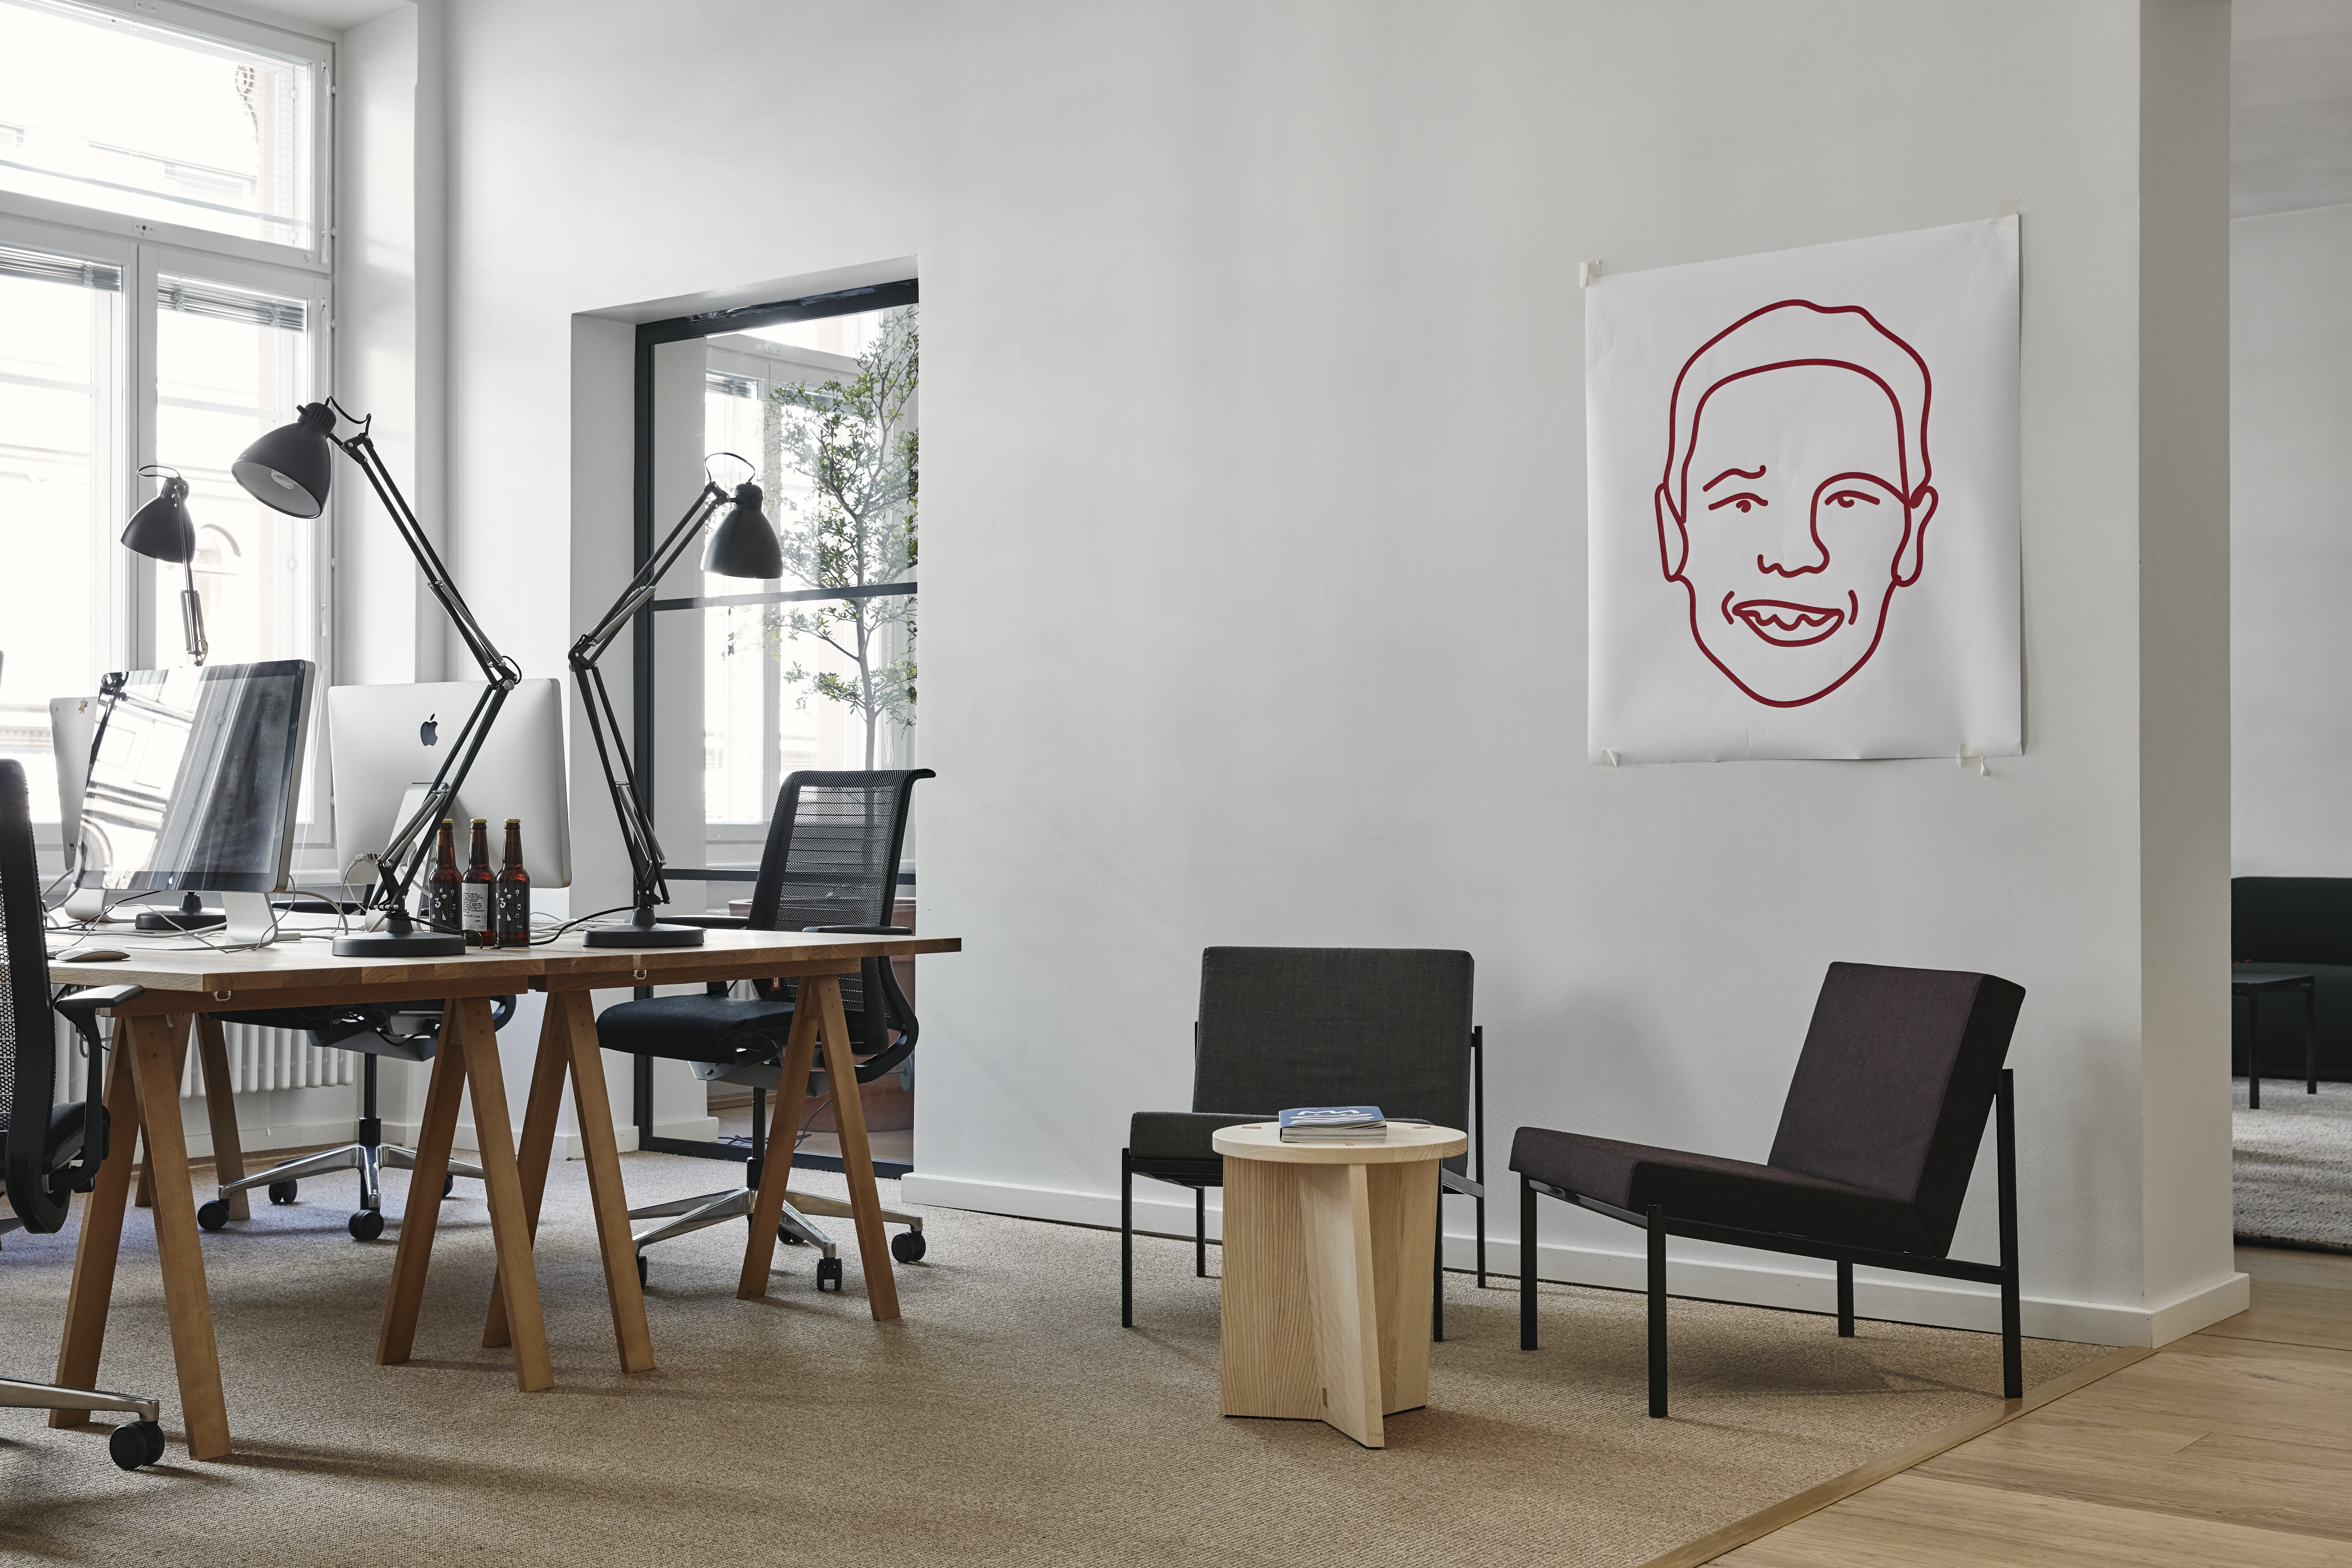 Berühmt Joanns Kundenspezifischen Gestaltung Galerie ...